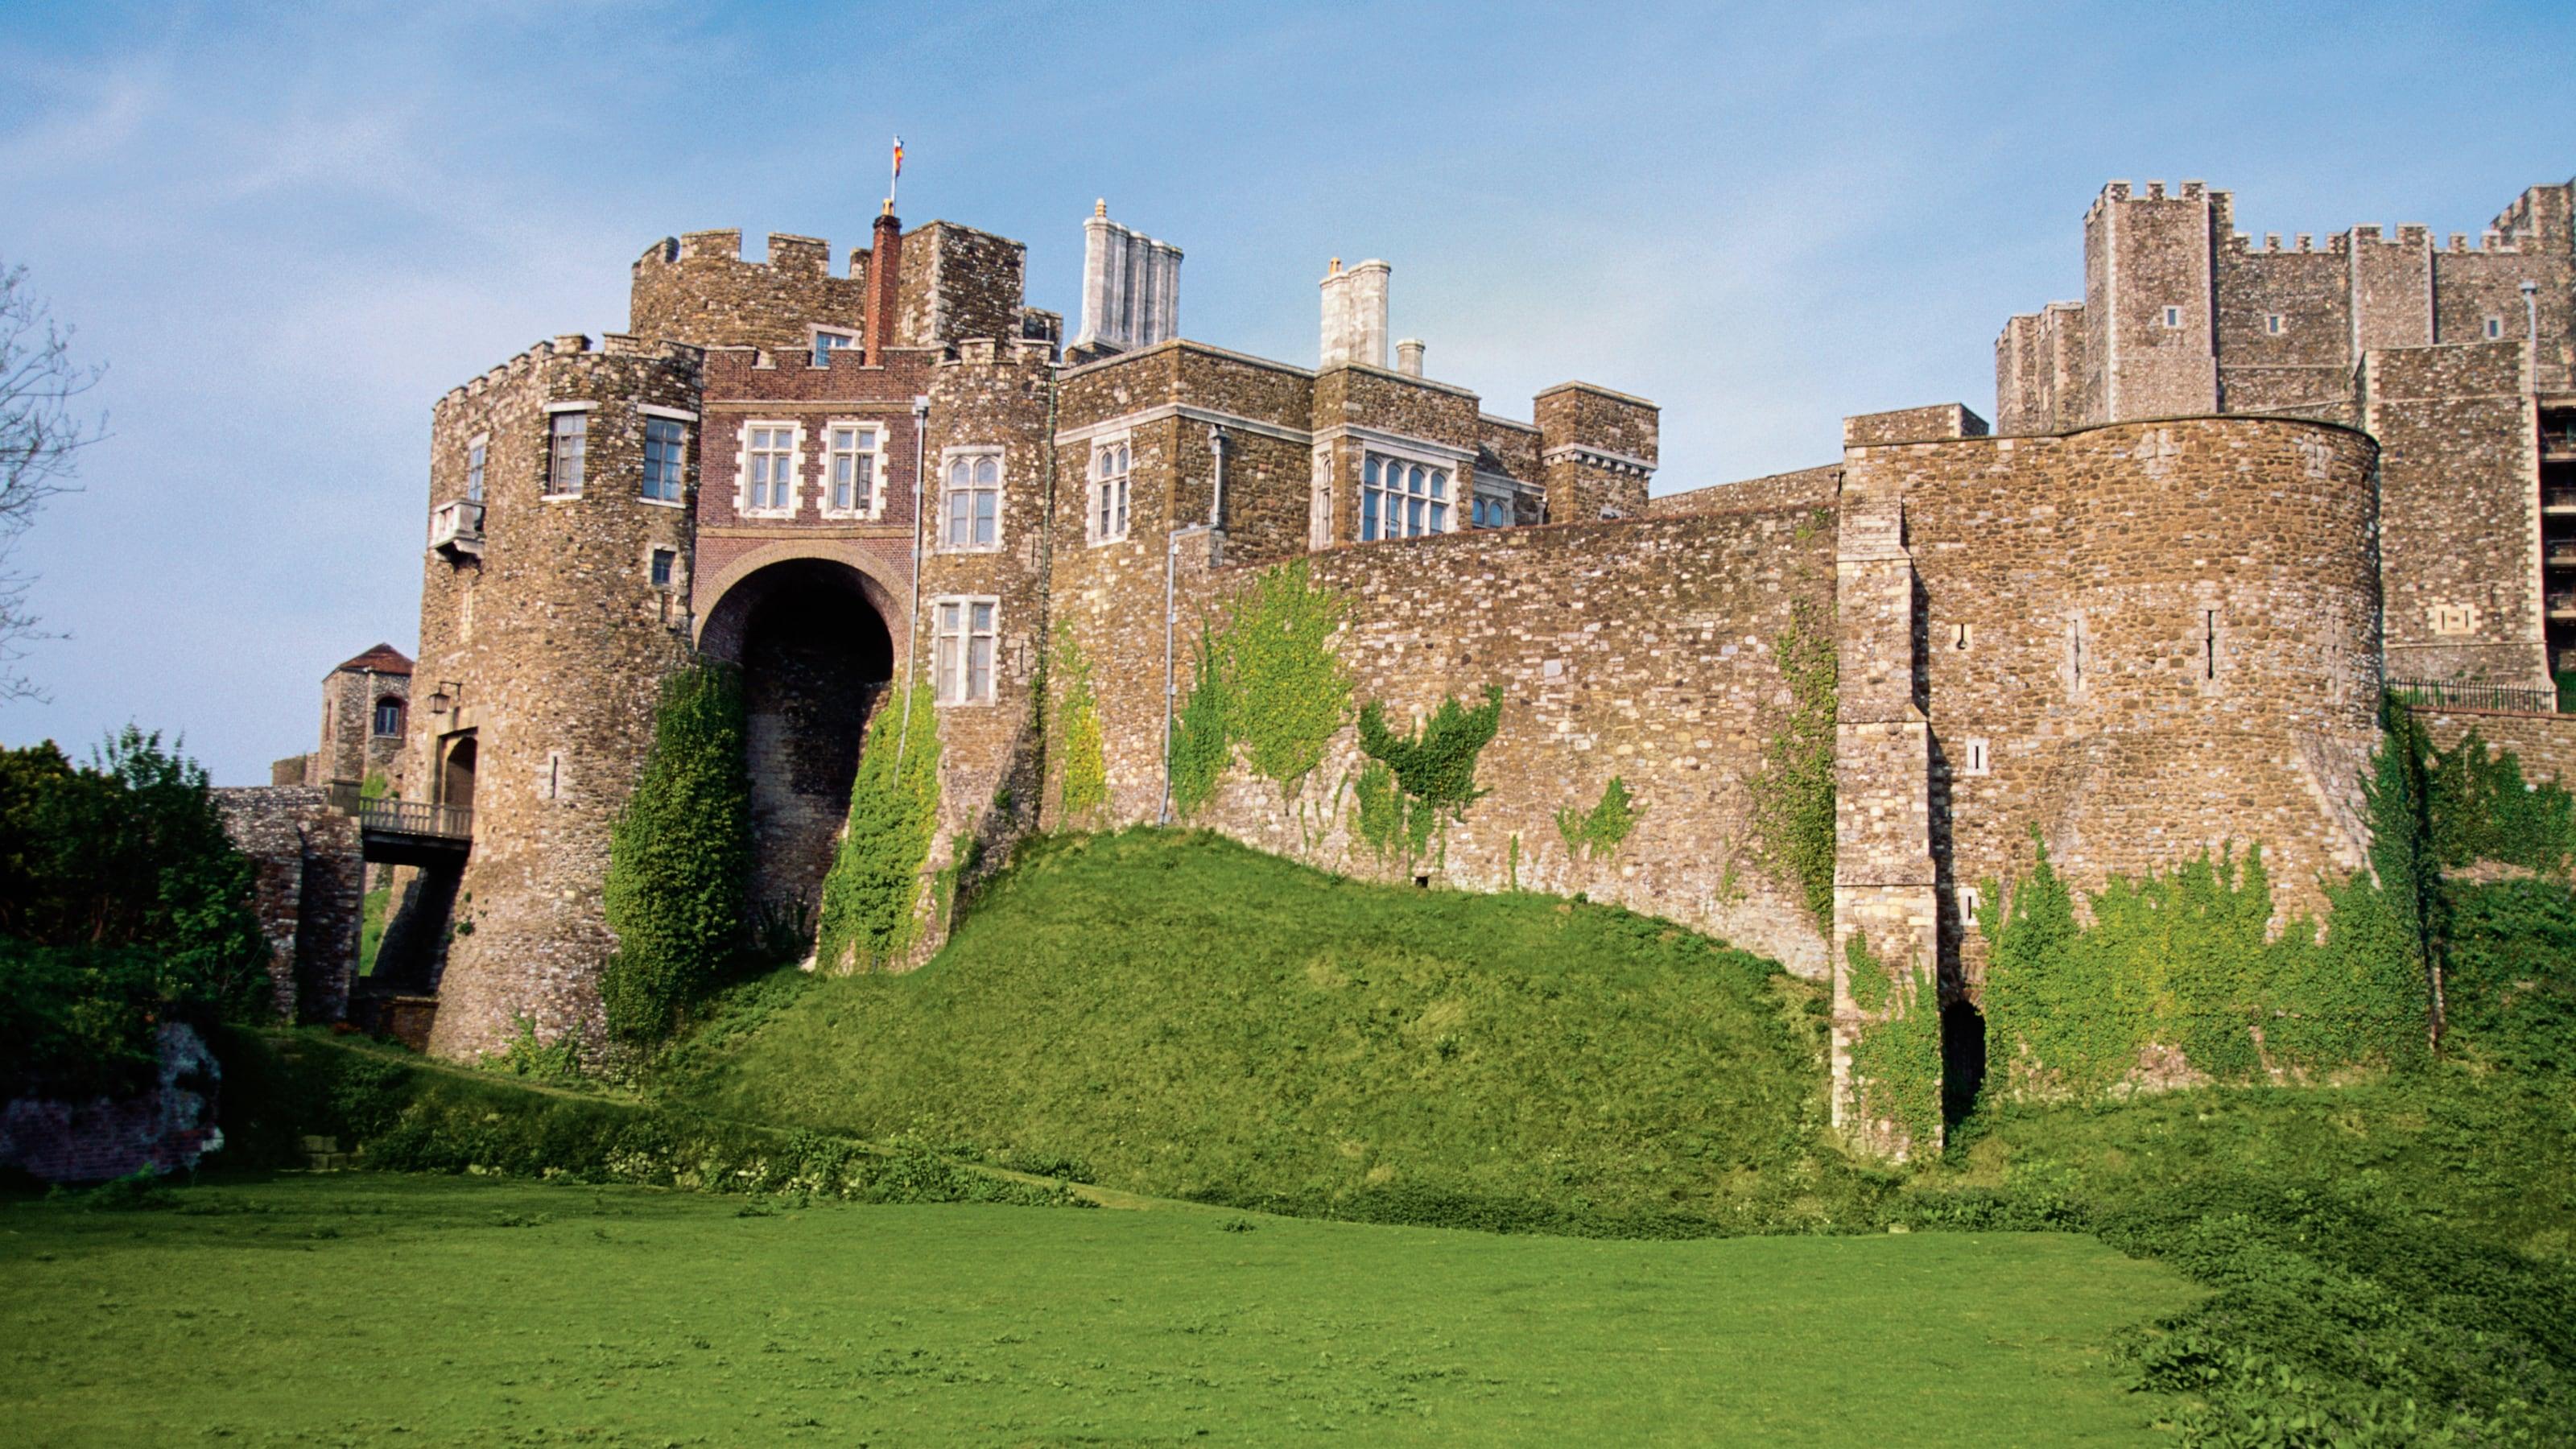 L'herbe pousse sur les murs du château médiéval de Douvres en Angleterre